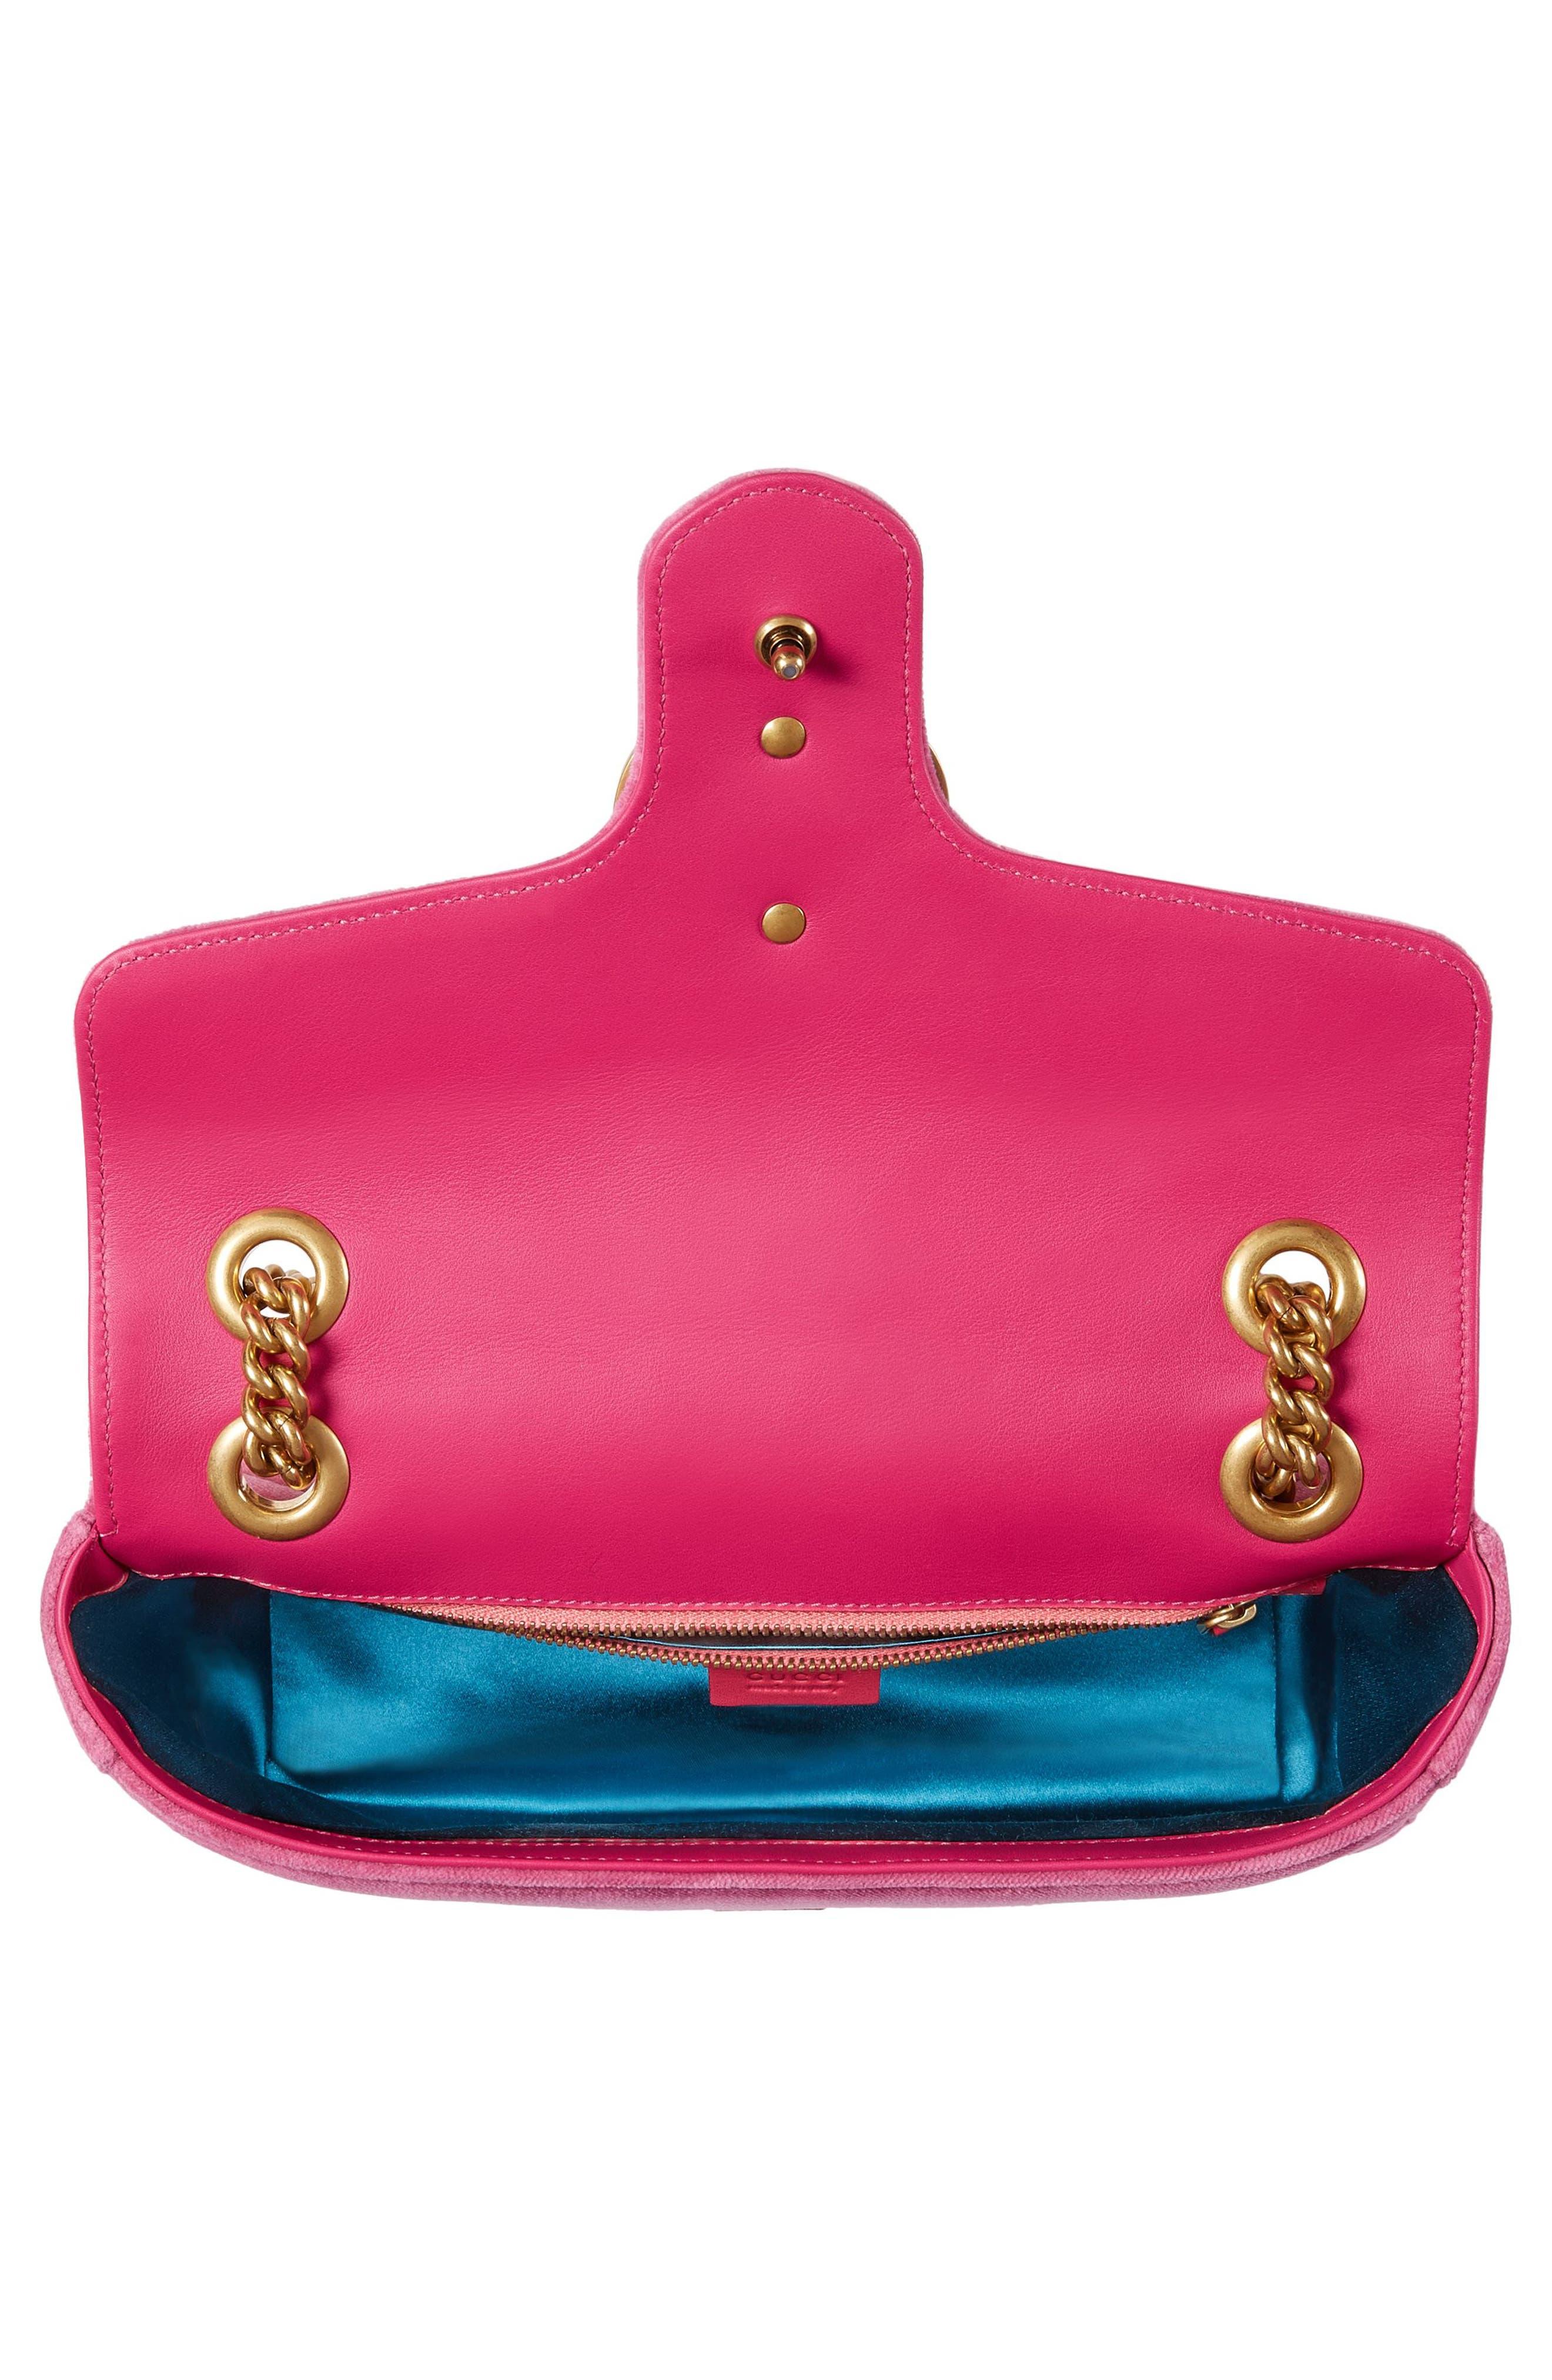 Medium GG Marmont 2.0 Matelassé Velvet Shoulder Bag,                             Alternate thumbnail 3, color,                             Raspberry/ Raspberry Multi